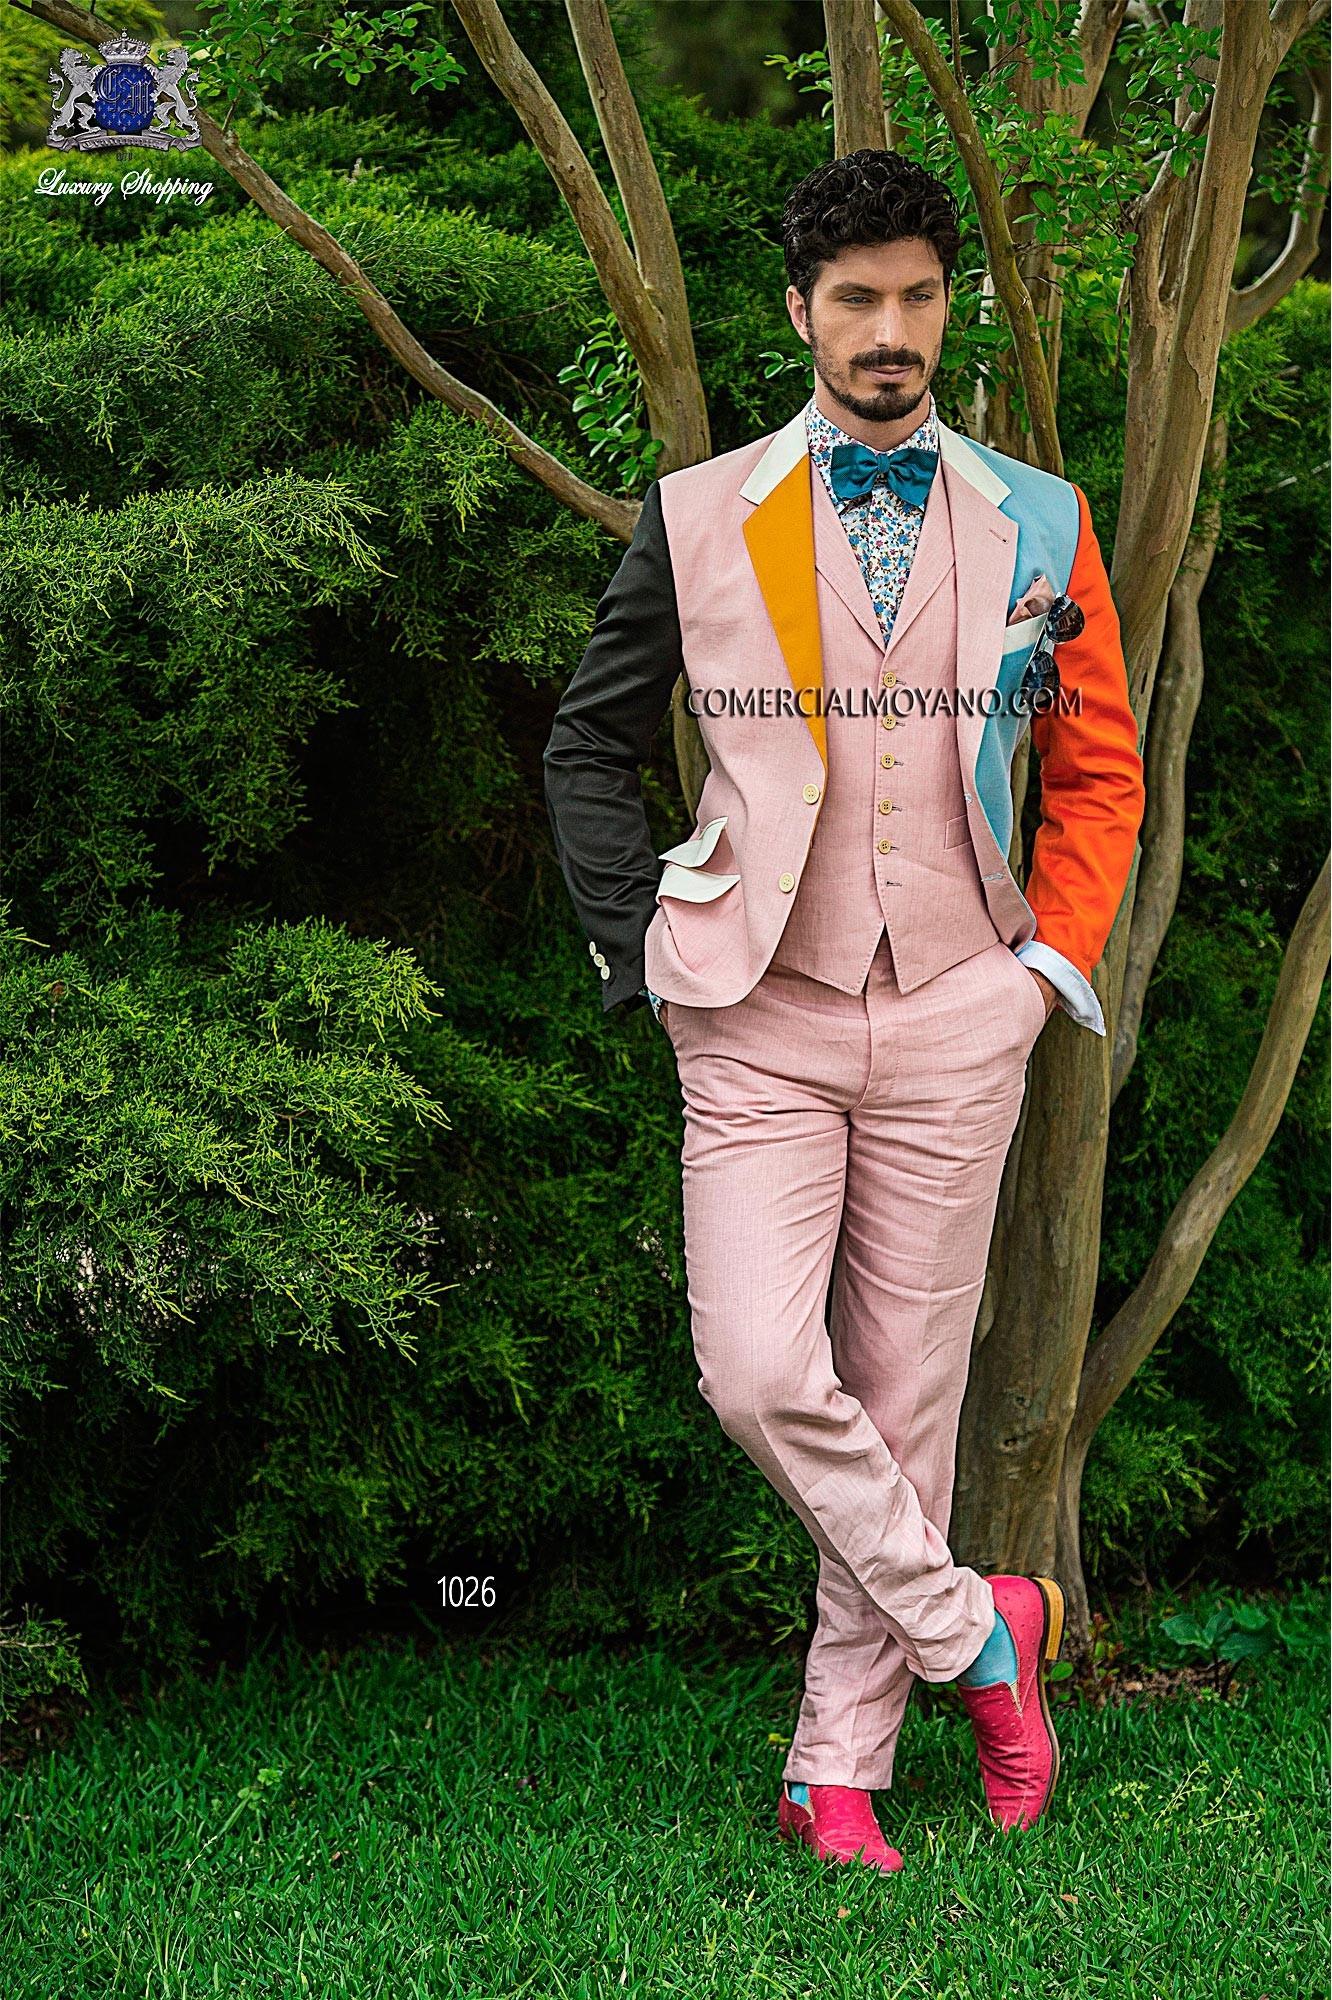 Traje de novio Hipster celeste/rosa modelo: 1026 Ottavio Nuccio Gala colección Hipster